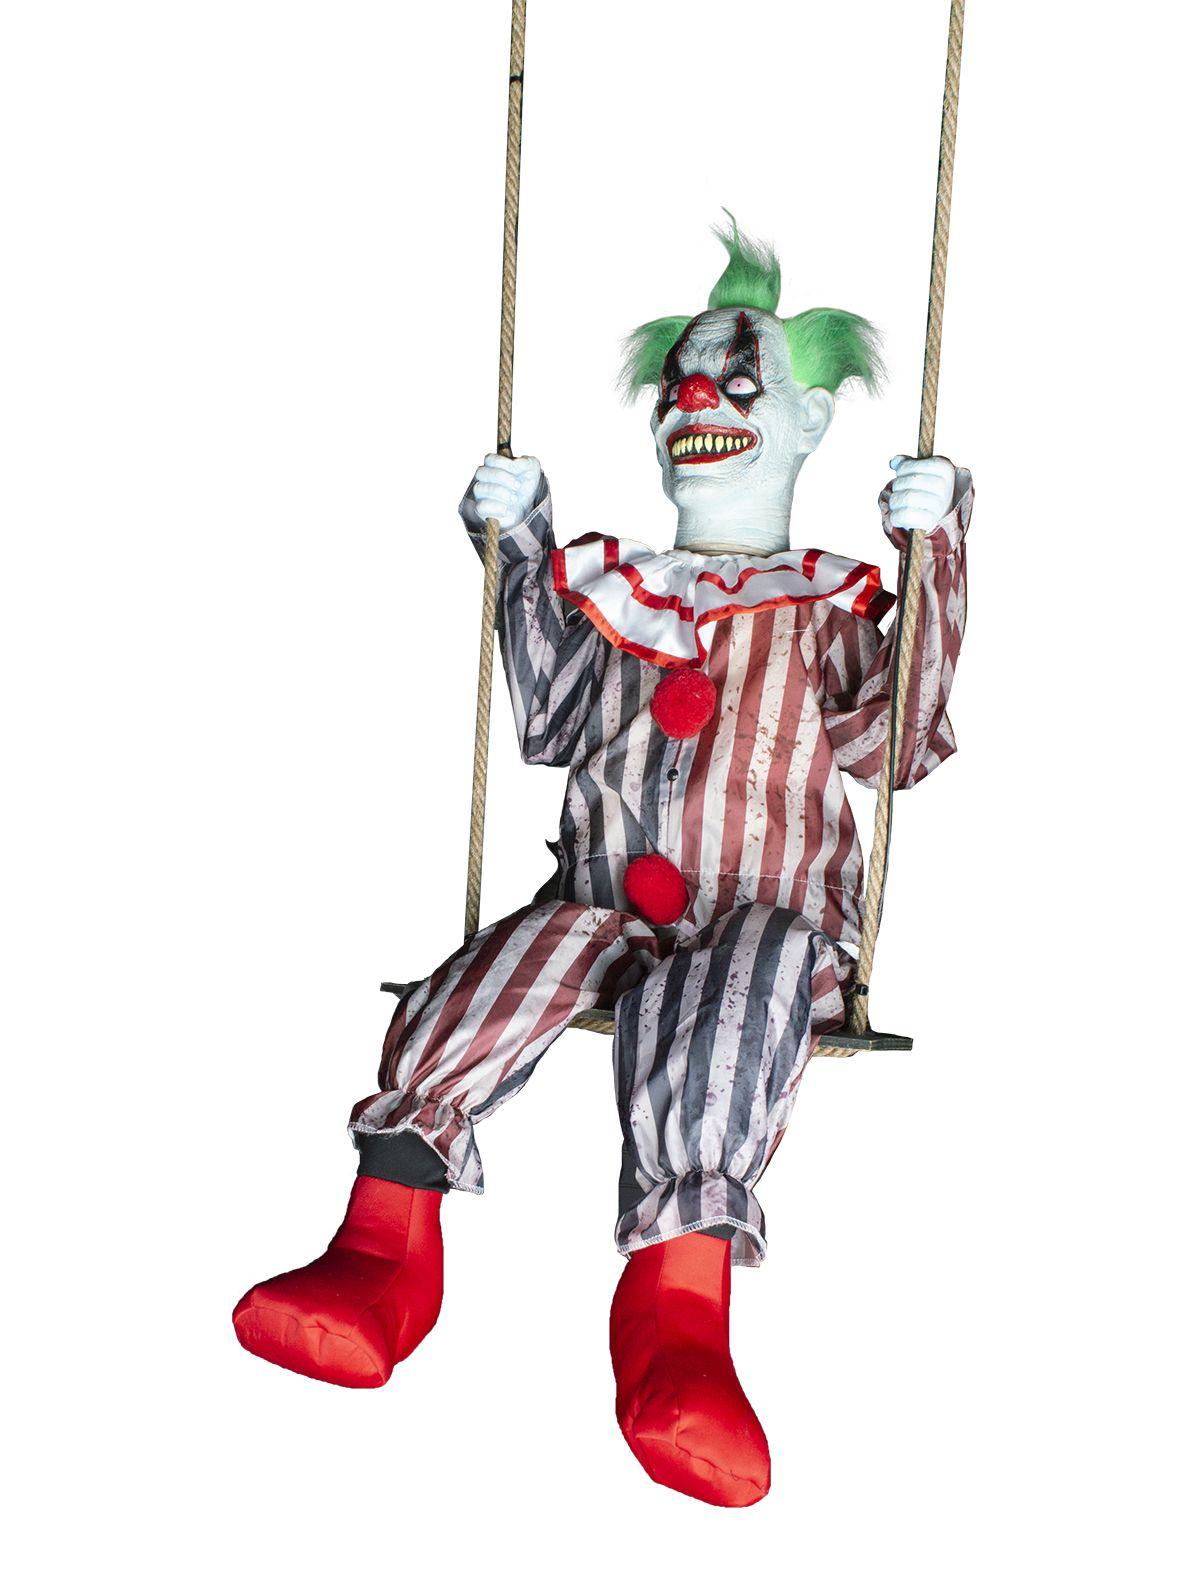 Grusel Clown auf Schaukel mit Licht, Sound und Bewegung